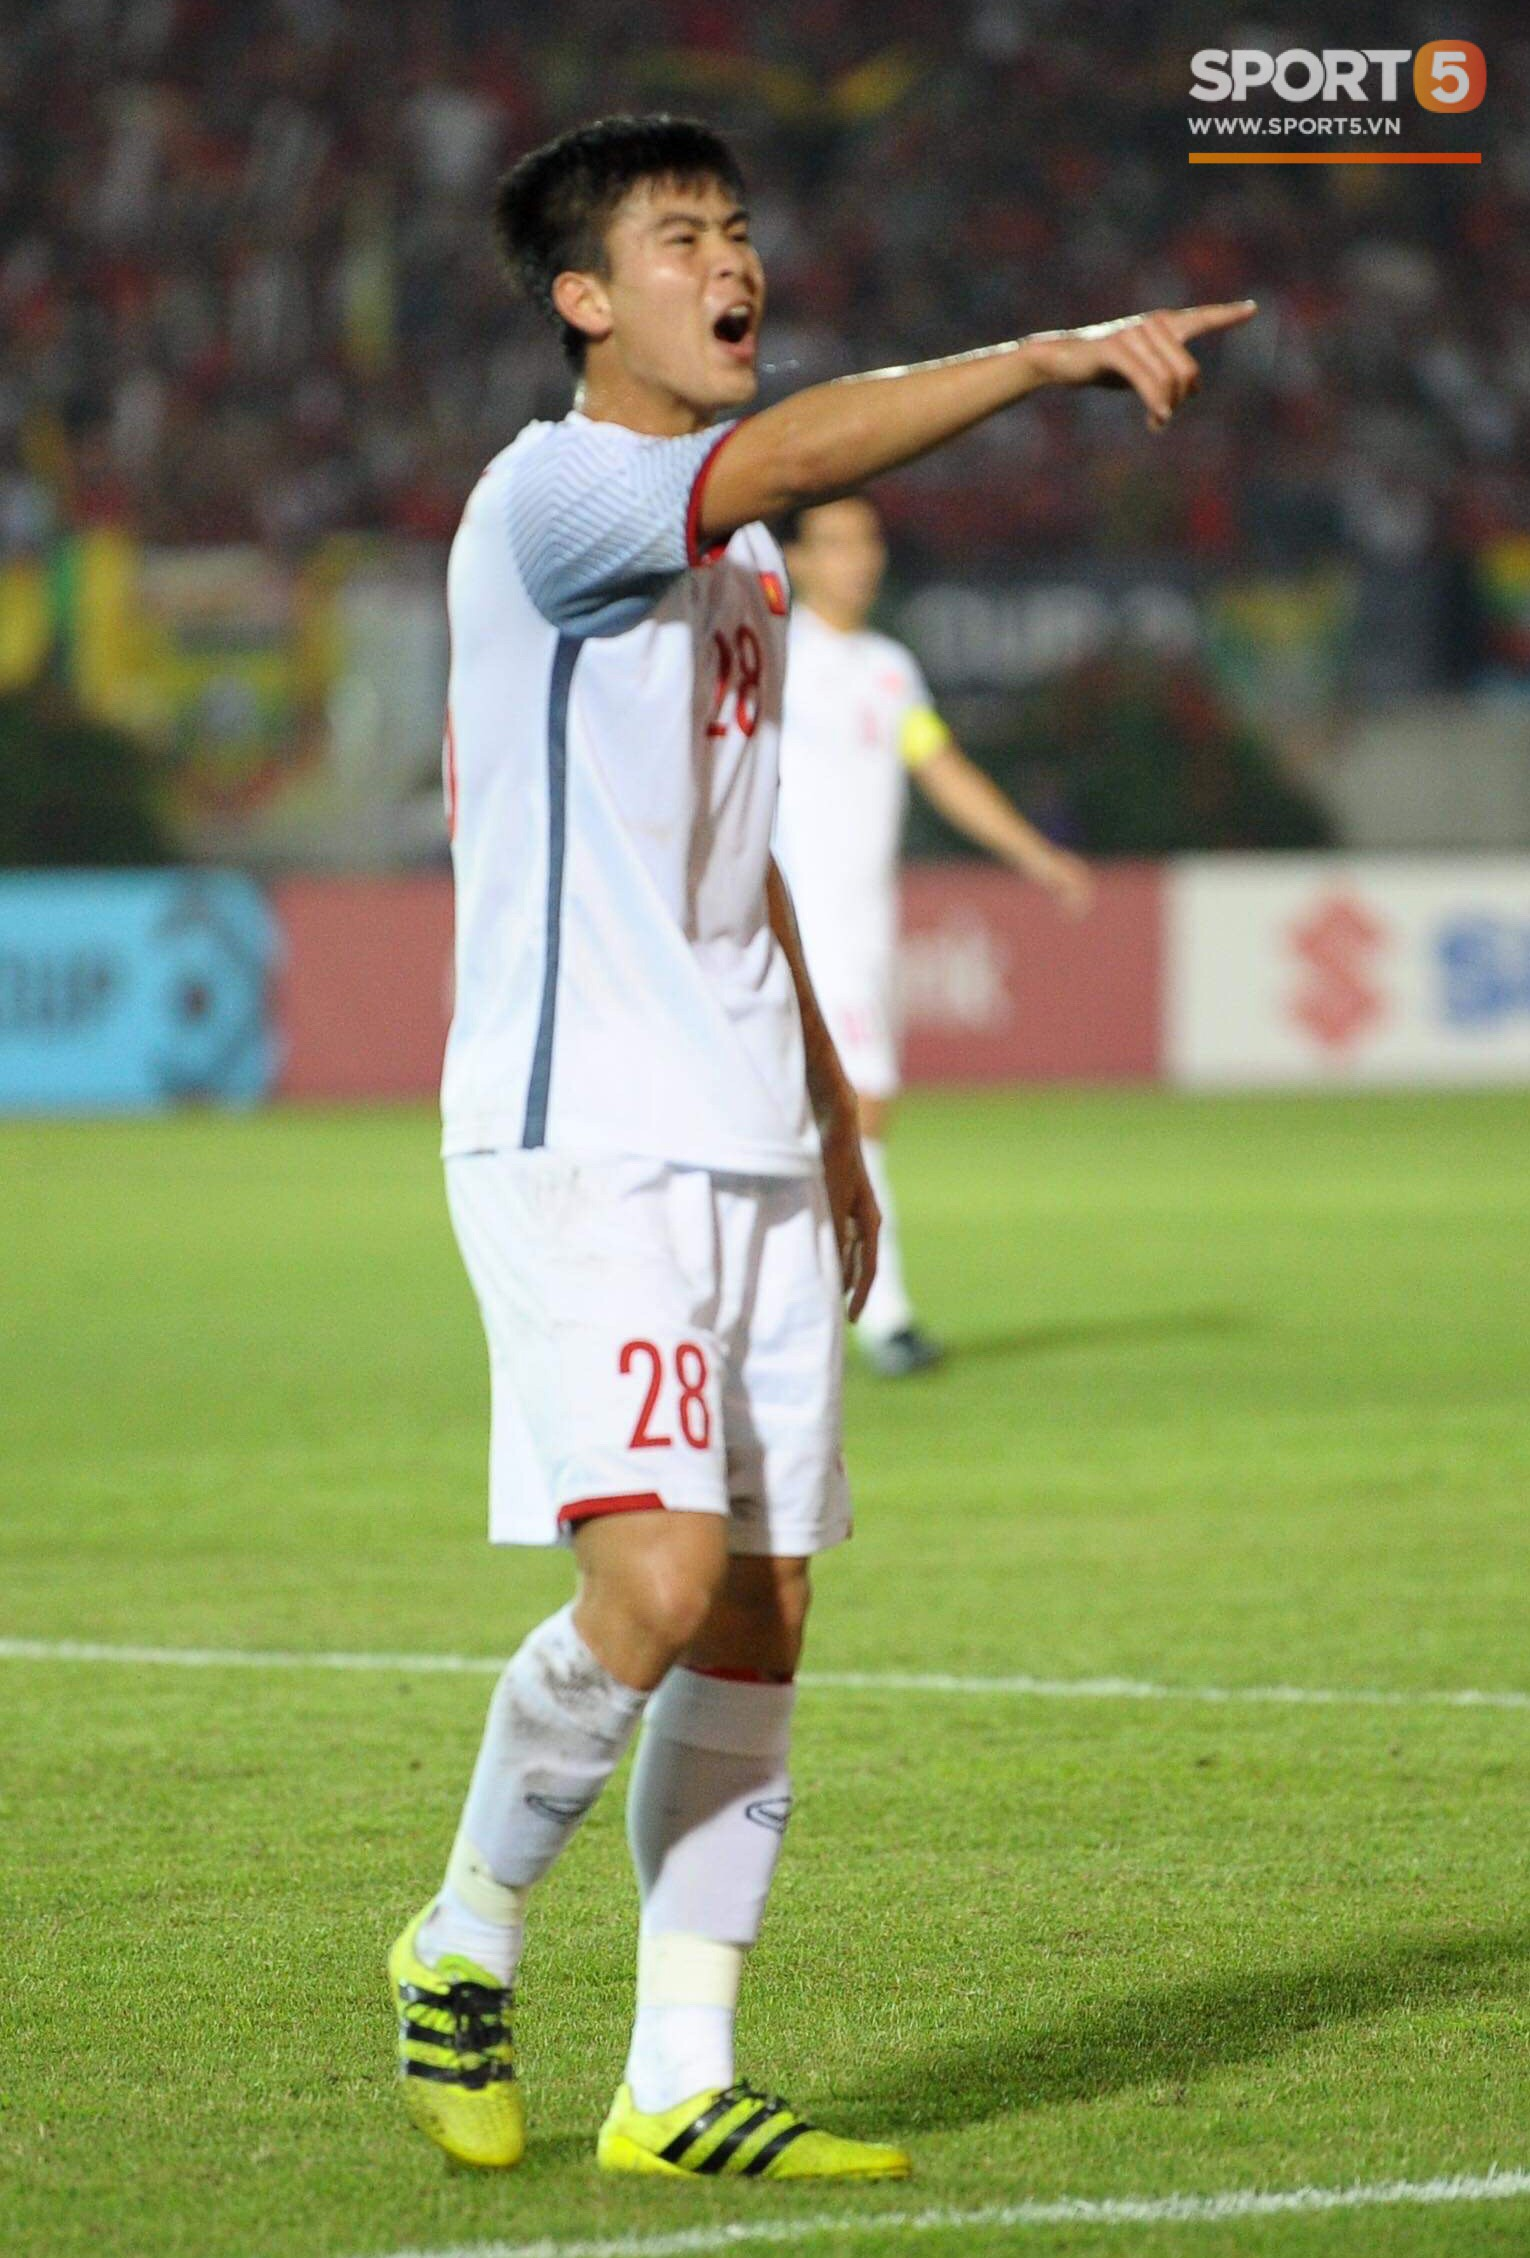 Duy Mạnh cũng có những phản ứng rất quyết liệt với các trọng tài. Ảnh: Hiếu Lương/Sport5.vn